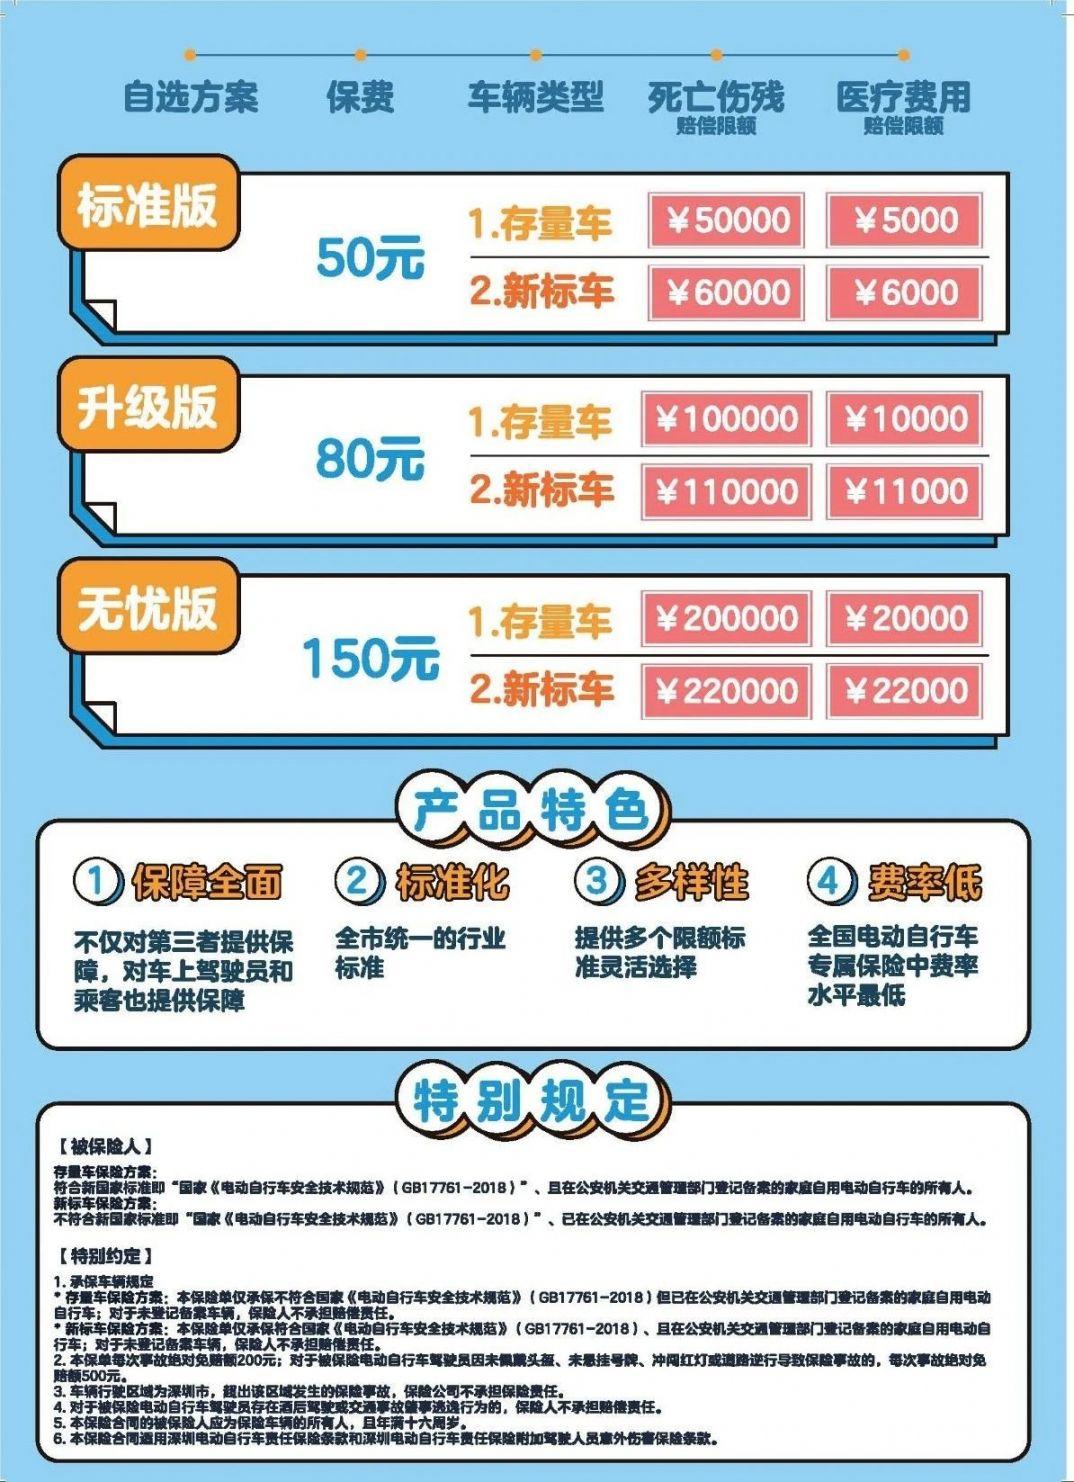 2020年深圳坪山区电动车备案指南(时间 流程)